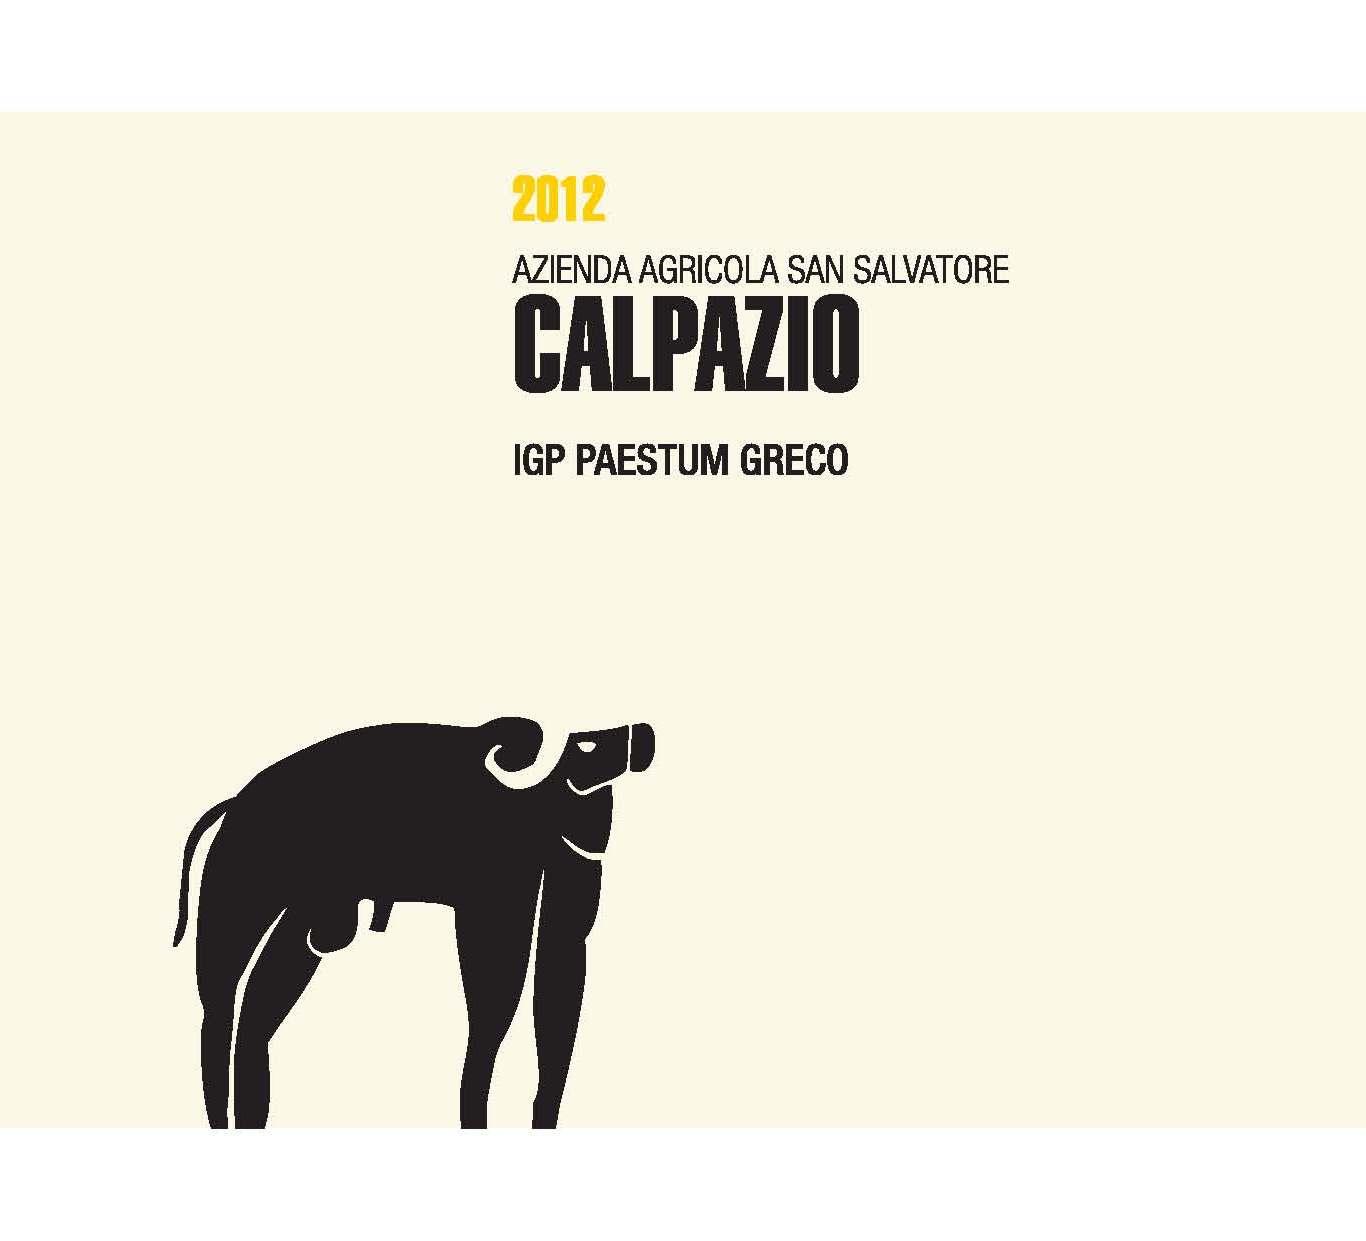 Calpazio Paestum Greco wine label